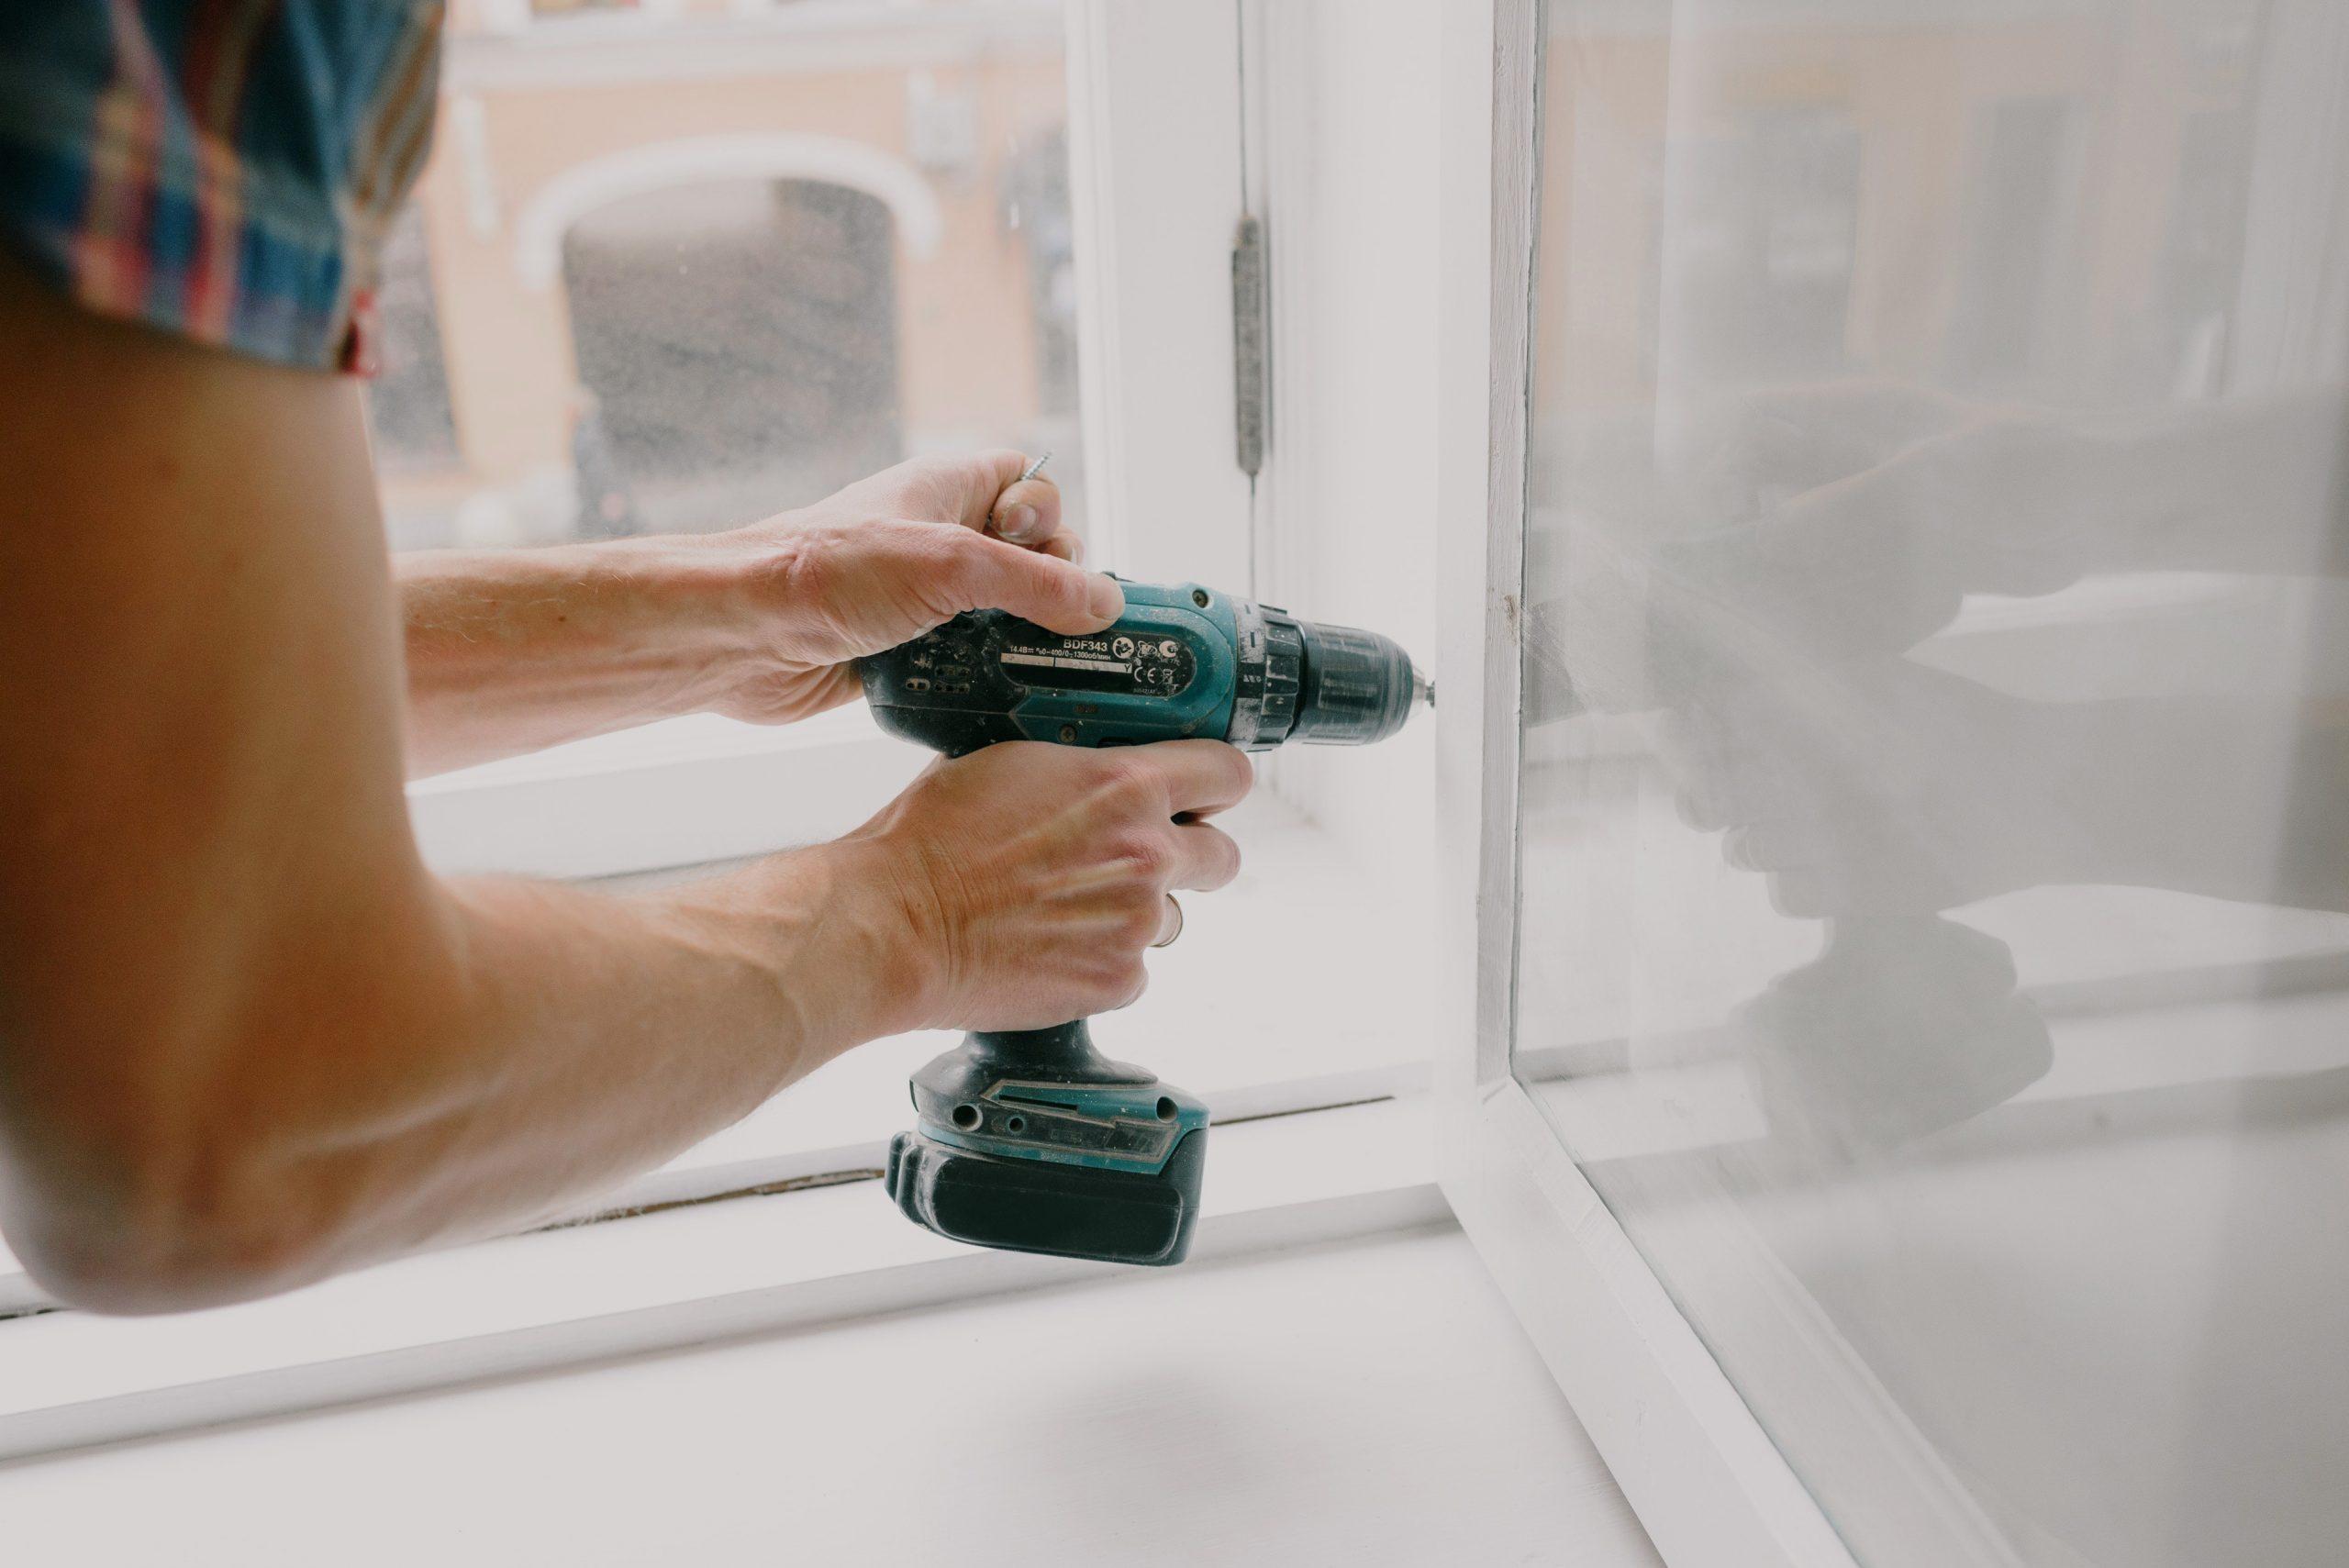 Imagem mostra uma pessoa usando uma parafusadeira em uma janela.